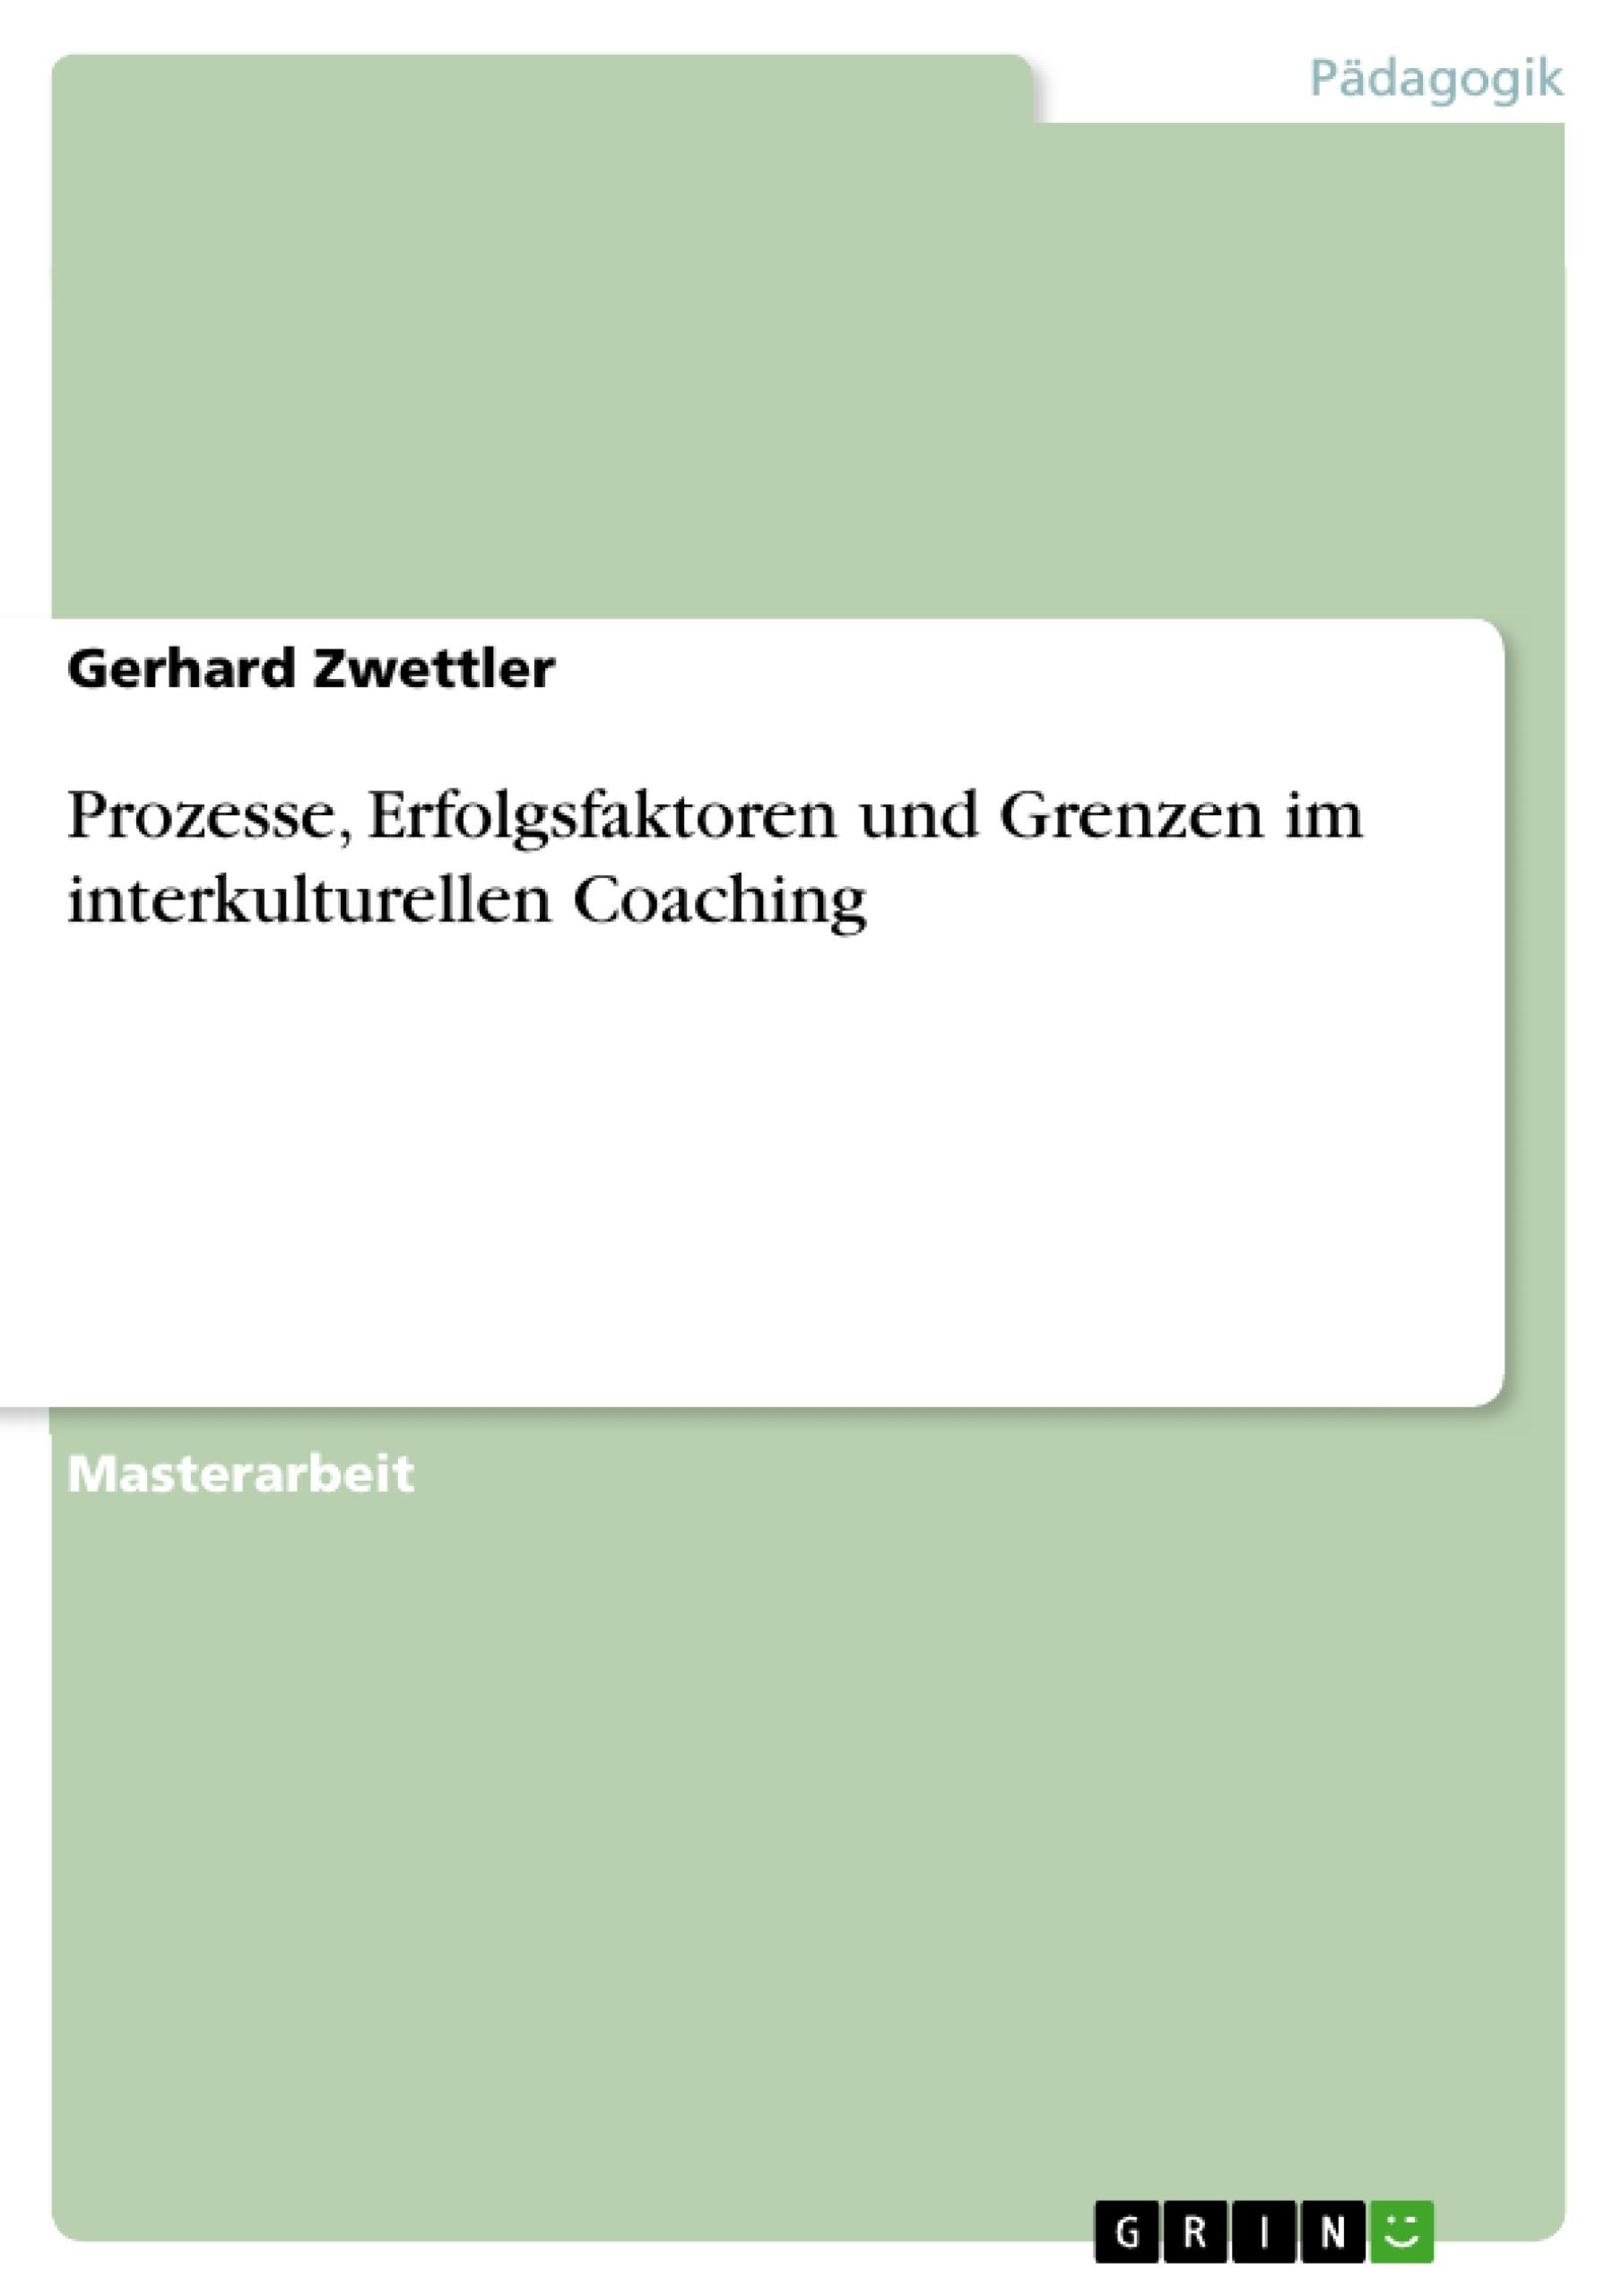 Titel: Prozesse, Erfolgsfaktoren und Grenzen im interkulturellen Coaching